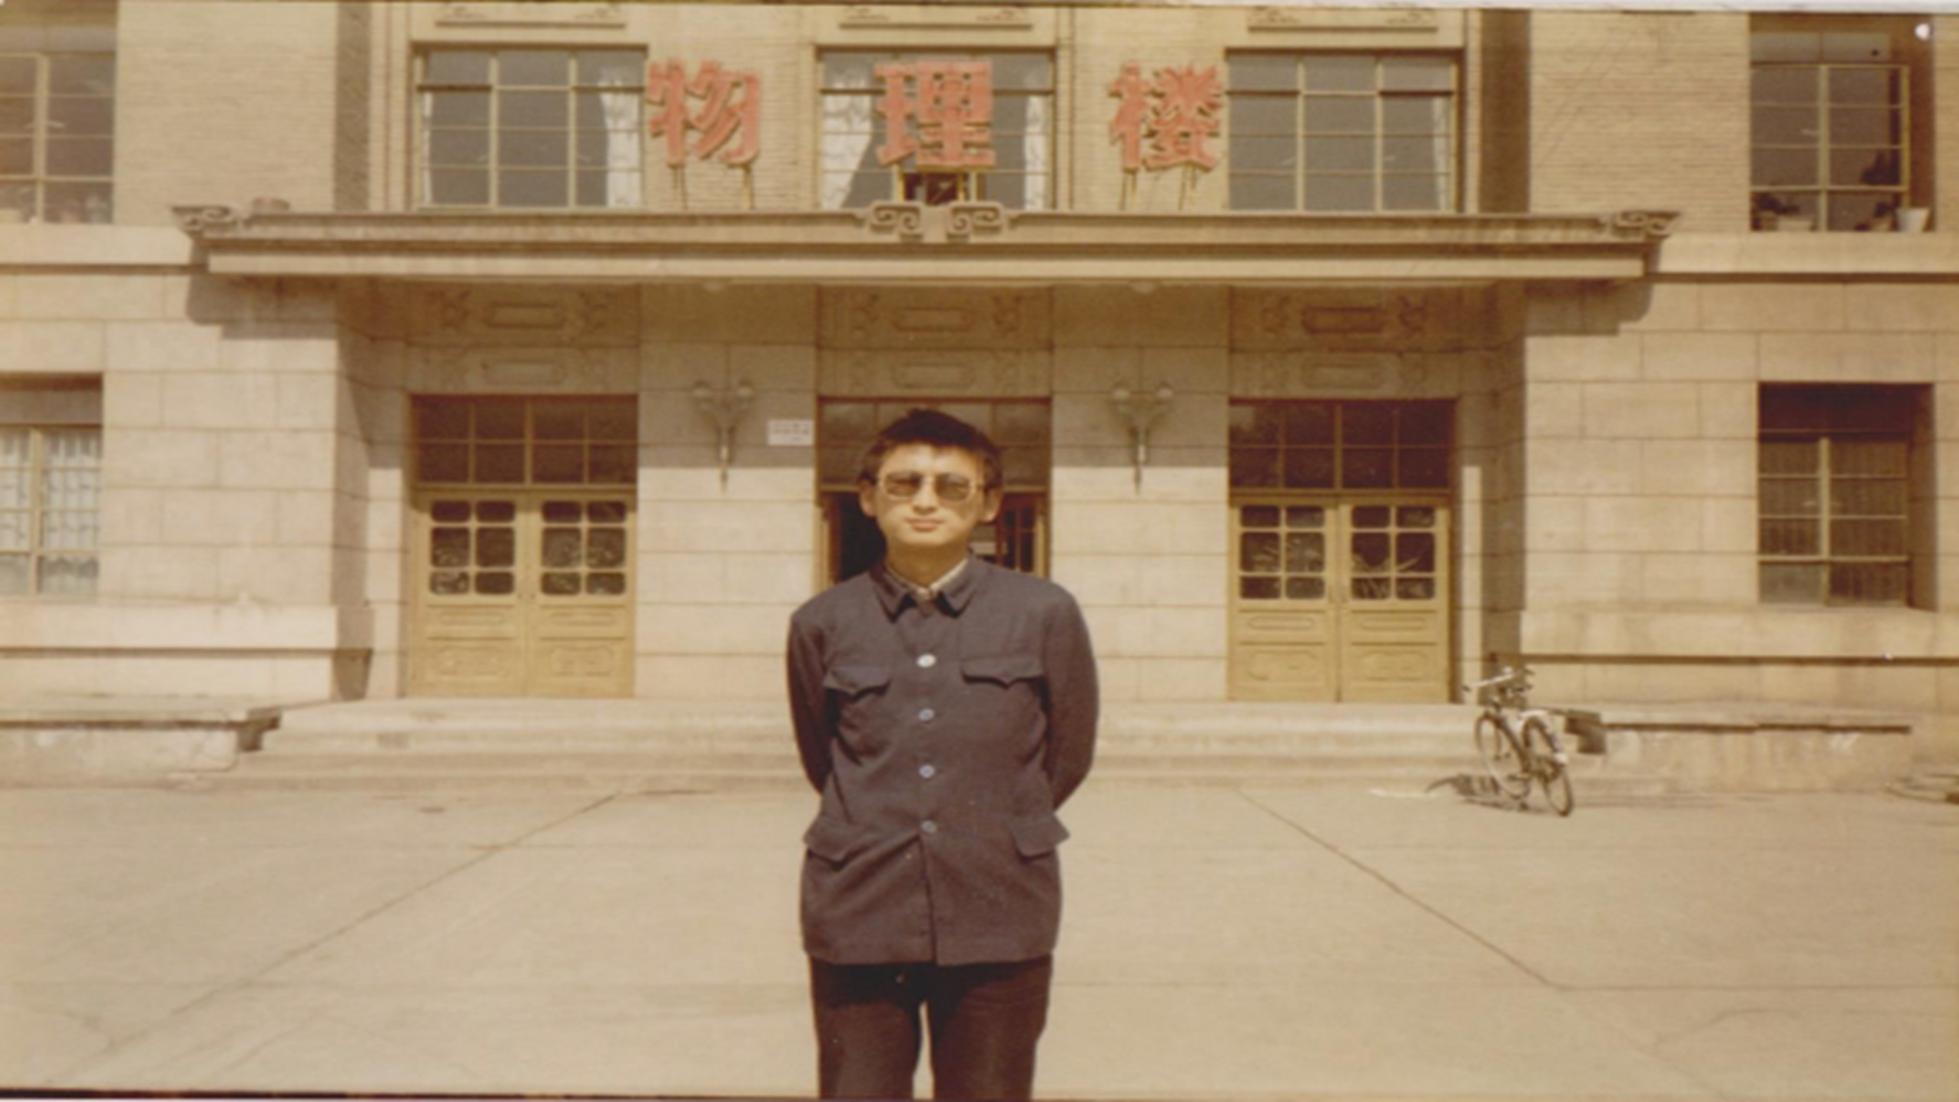 Li Zhenguo